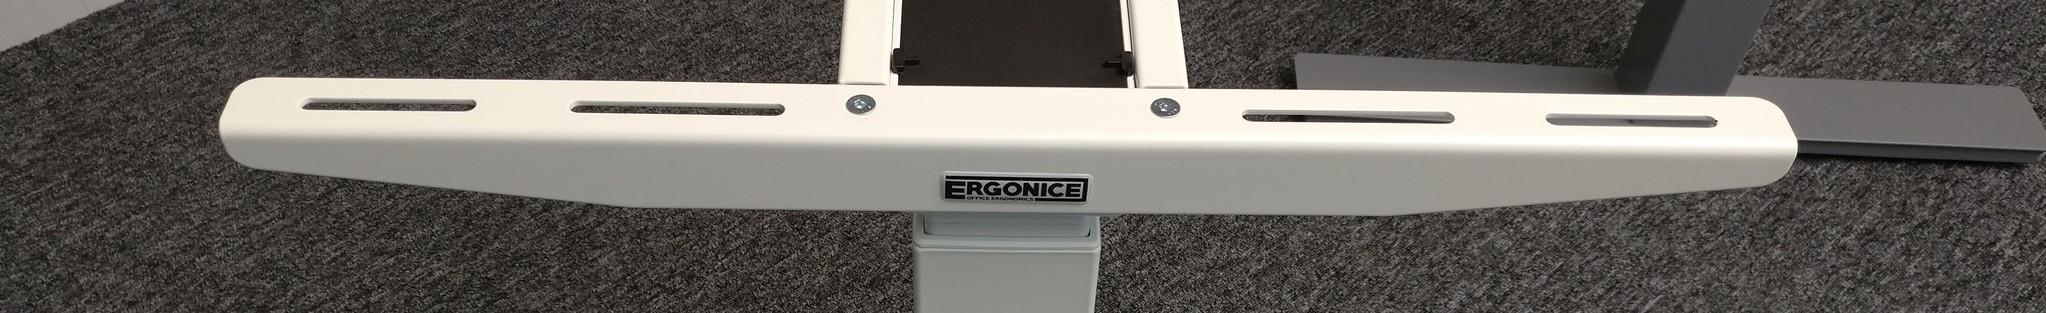 De bladdragers van het merk Ergonice zijn voorzien van sleuven en hierdoor geschikt voor bijna ieder bureaublad.